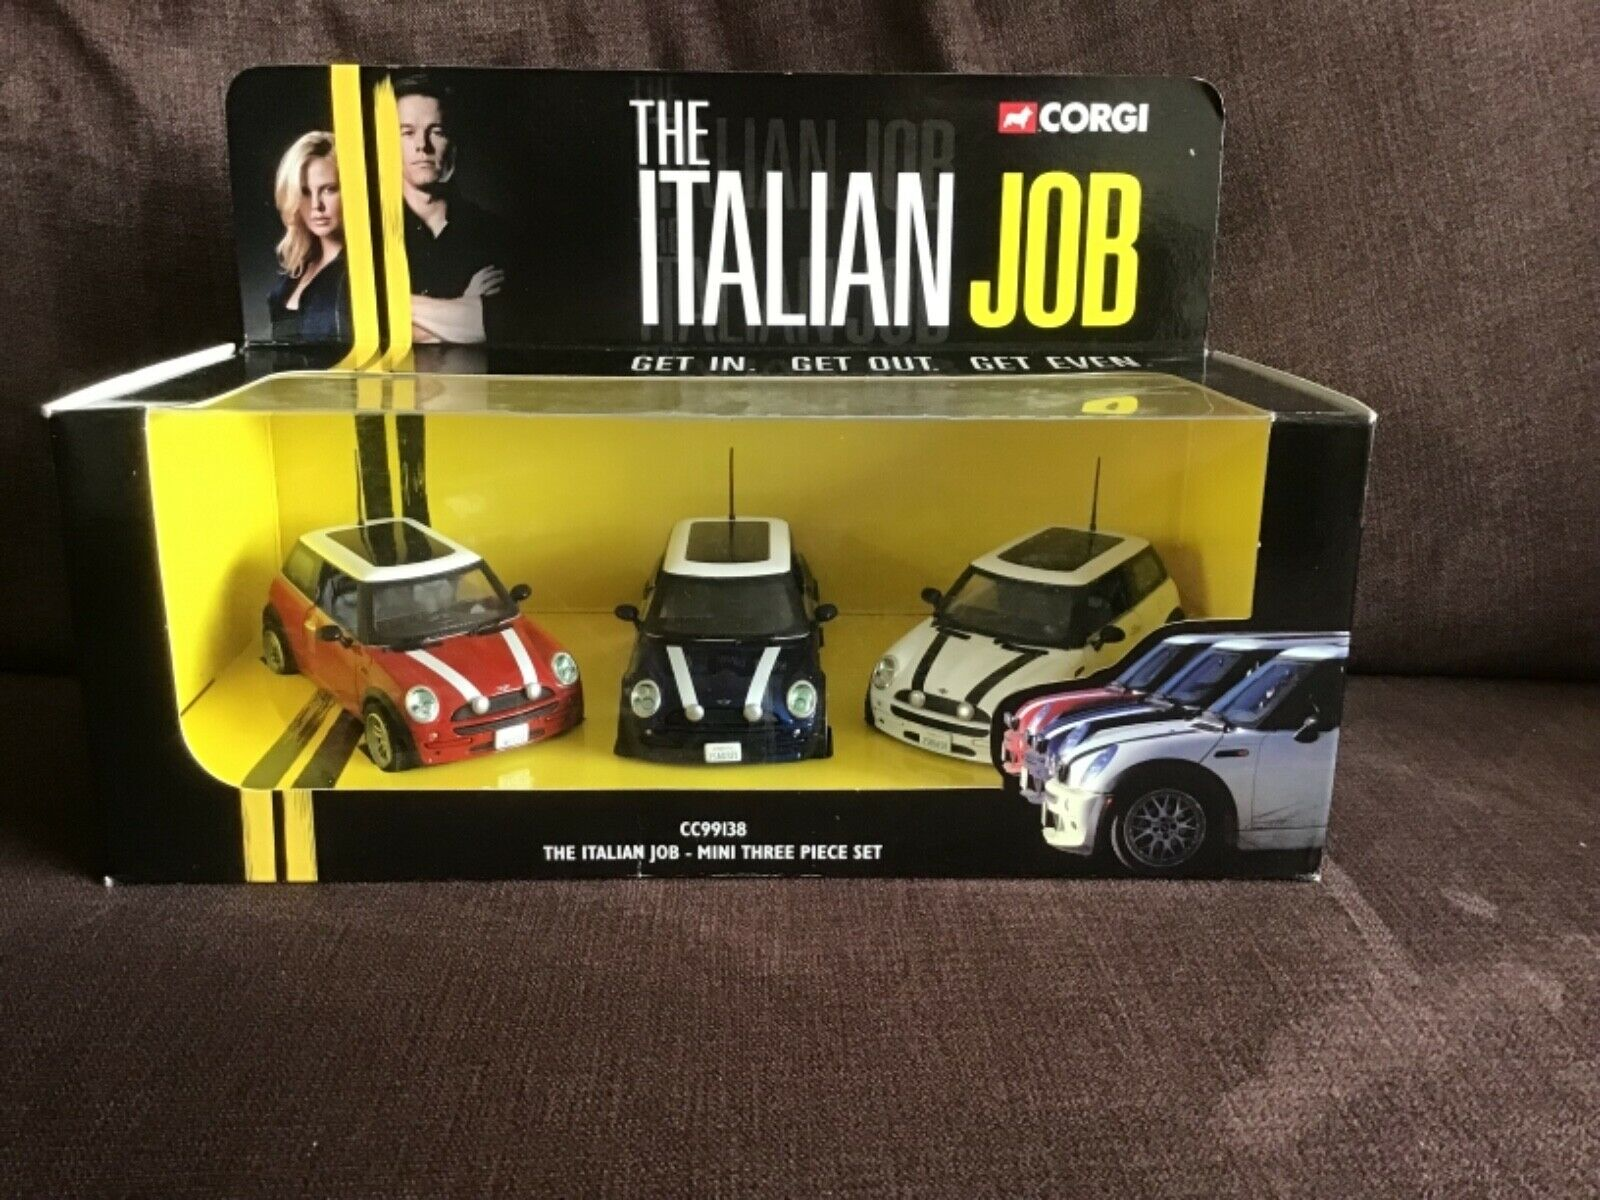 ottima selezione e consegna rapida CORGI giocattoli 99138 99138 99138 MINI COOPER IL LAVoro ITALIANO Regalo Set 3 modelloLO di  disegni esclusivi